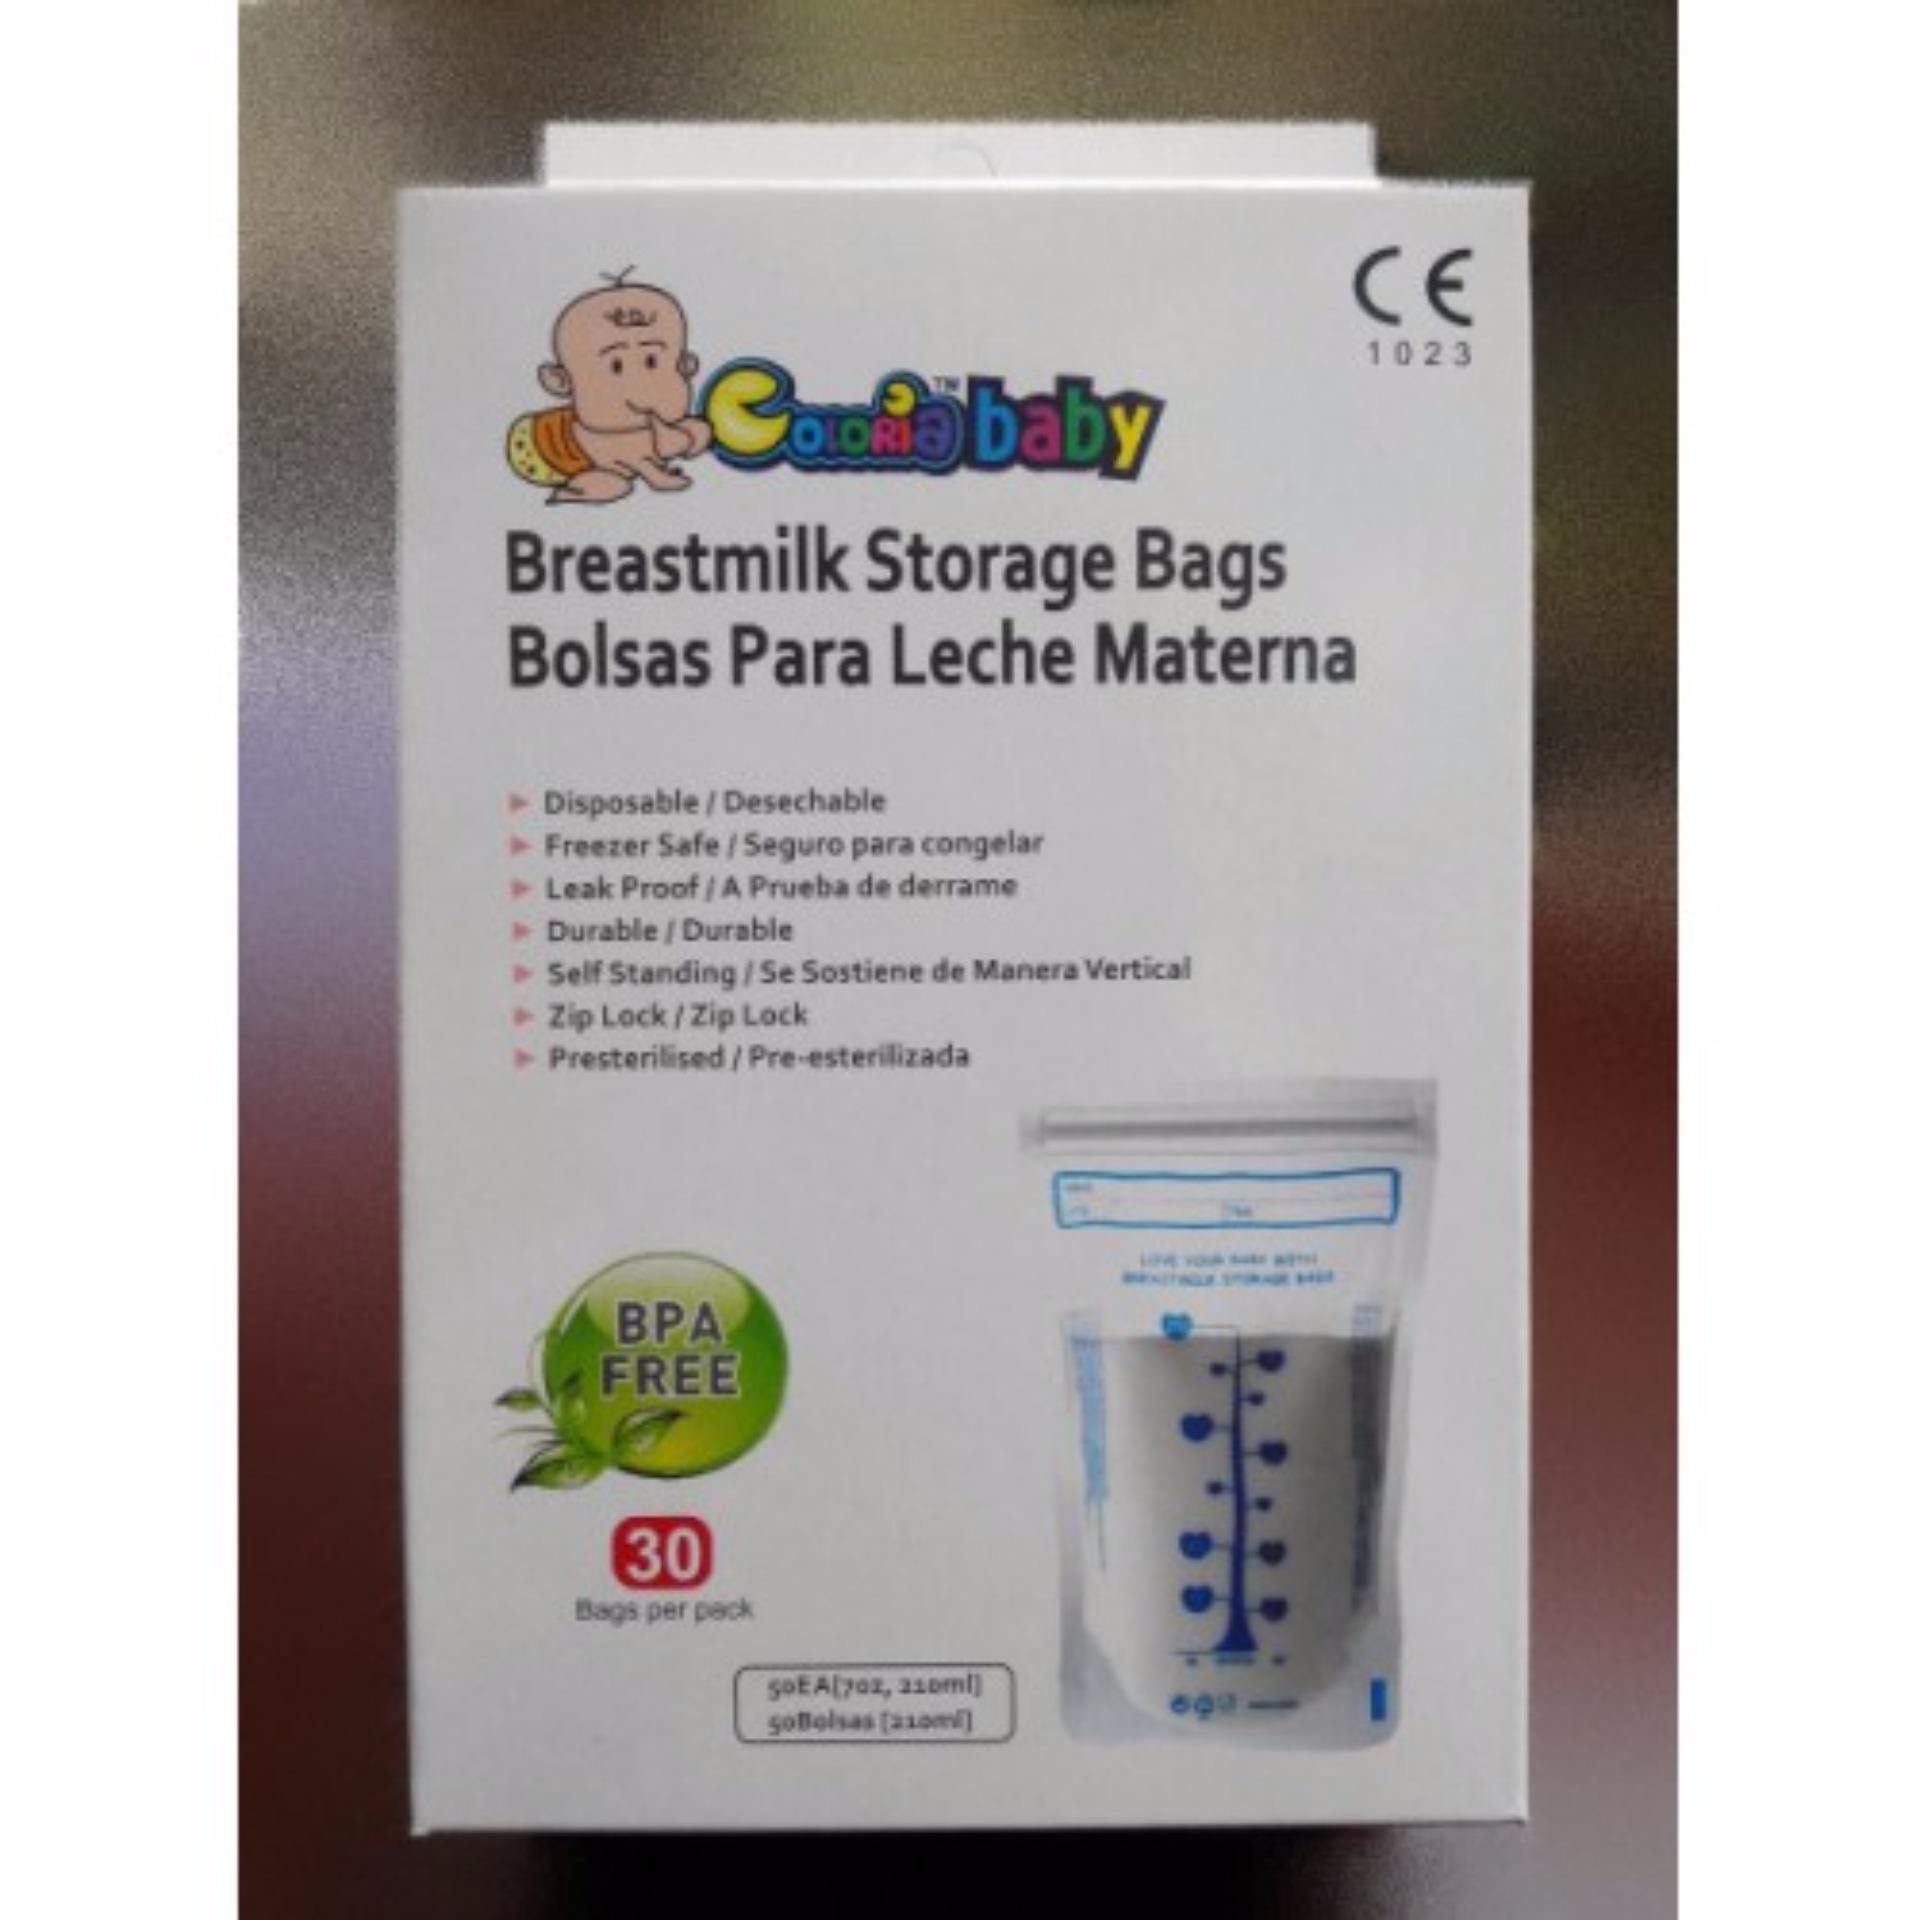 the coloria breastmilk storage bag kantong asi lazada indonesia